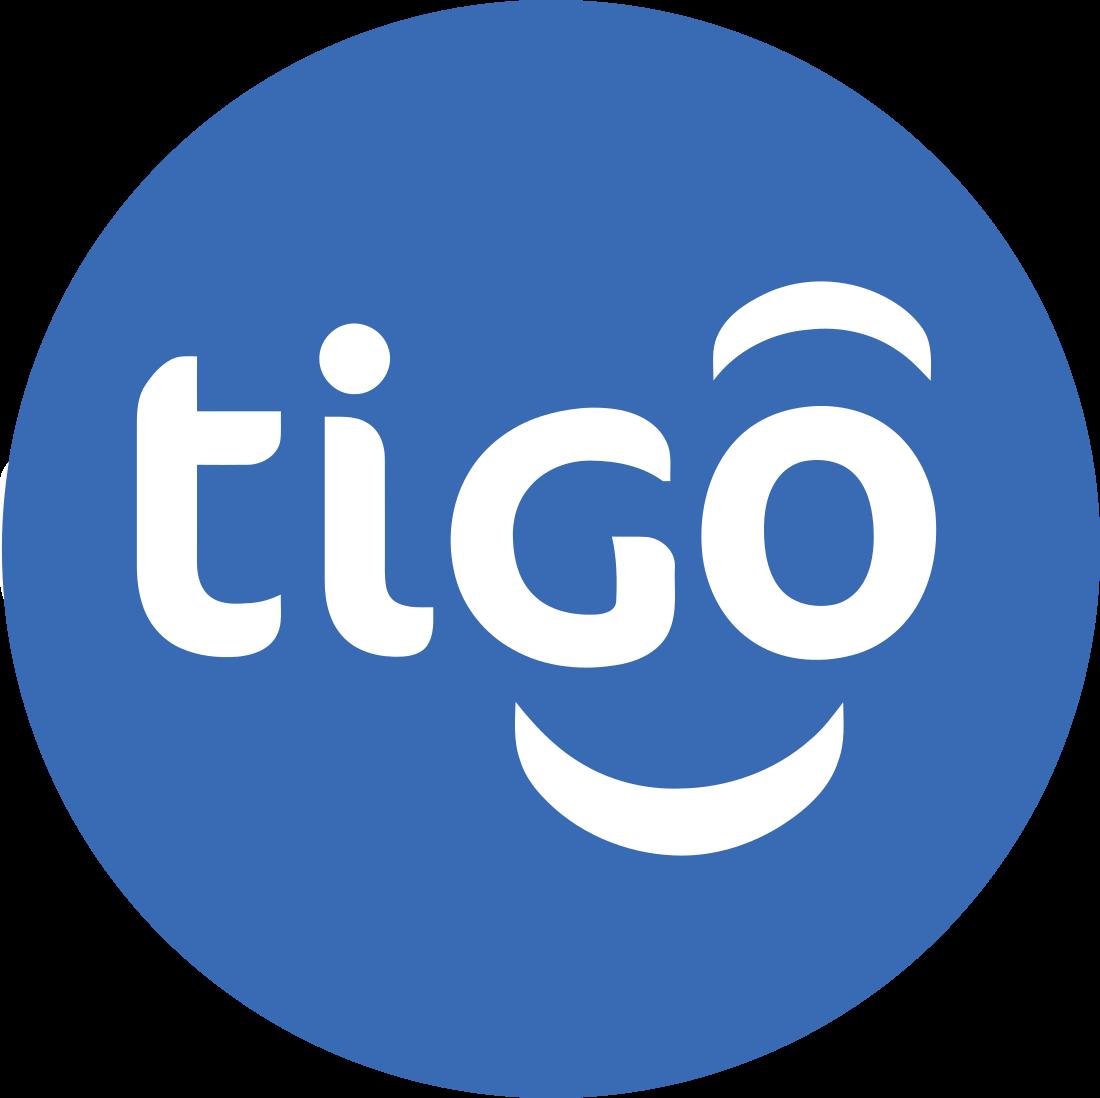 tigo logo 7 - Tigo Logo